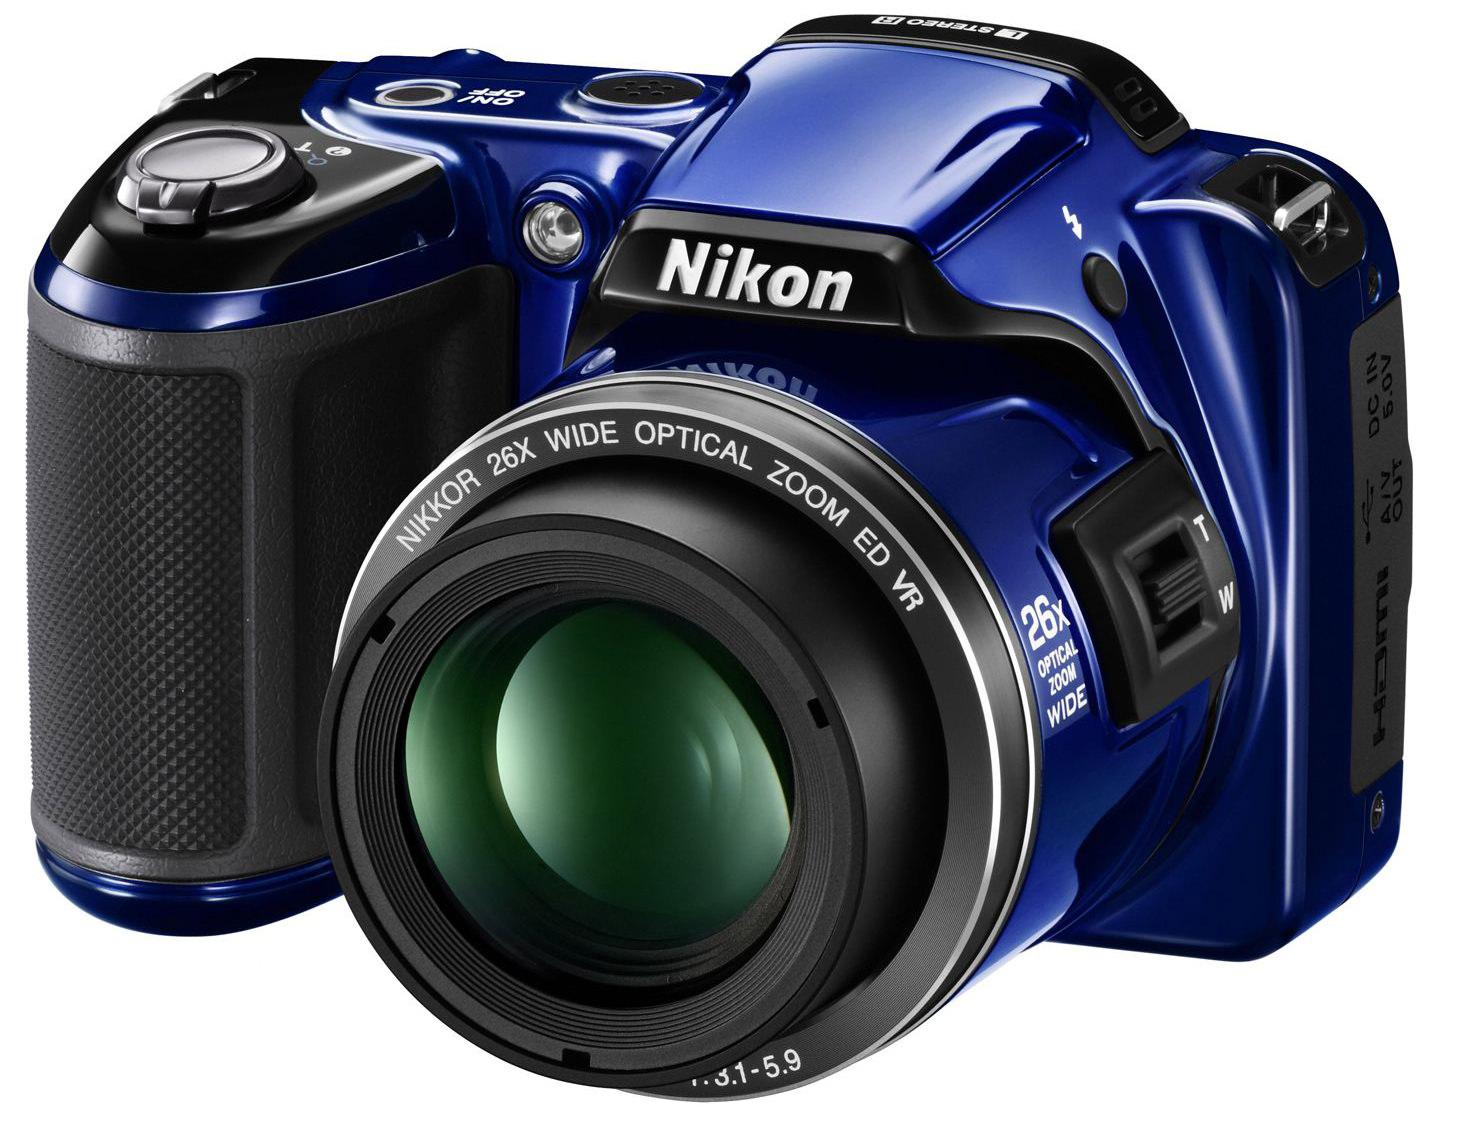 nikon coolpix p510 and l810 digital compact cameras. Black Bedroom Furniture Sets. Home Design Ideas